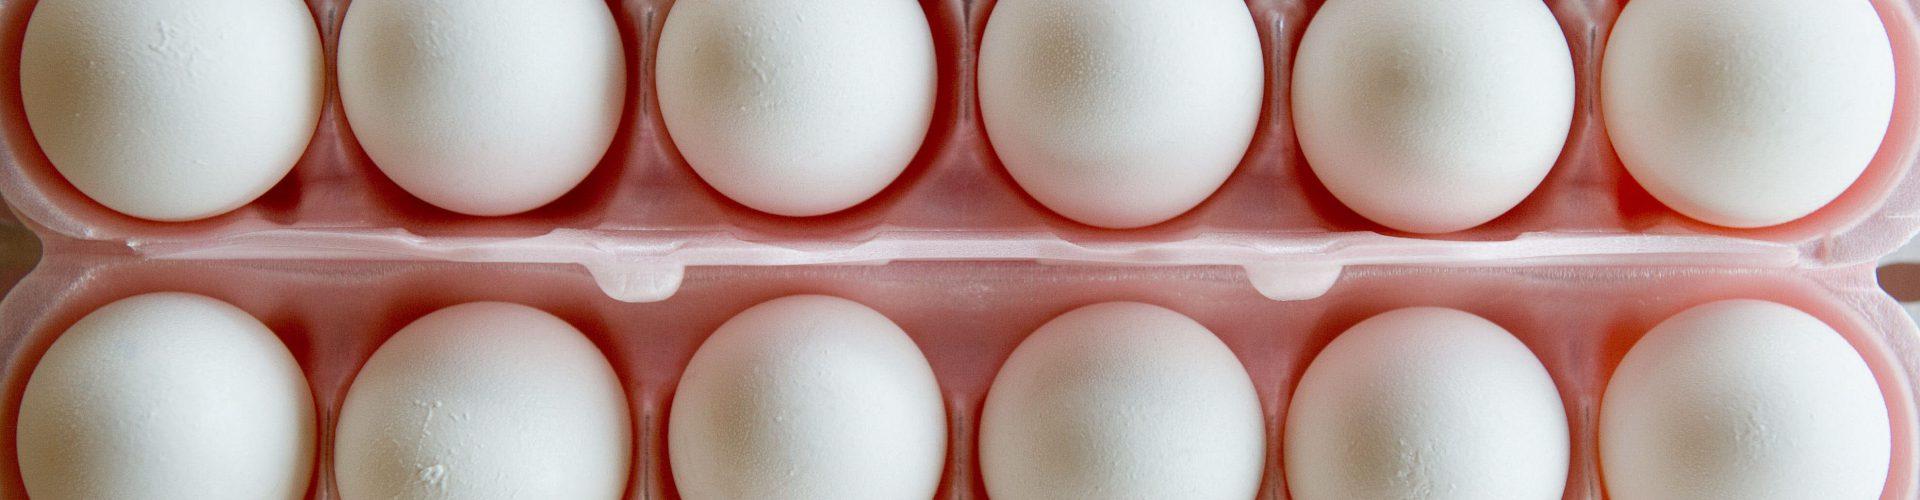 El mono obeso| Los huevos son para el verano